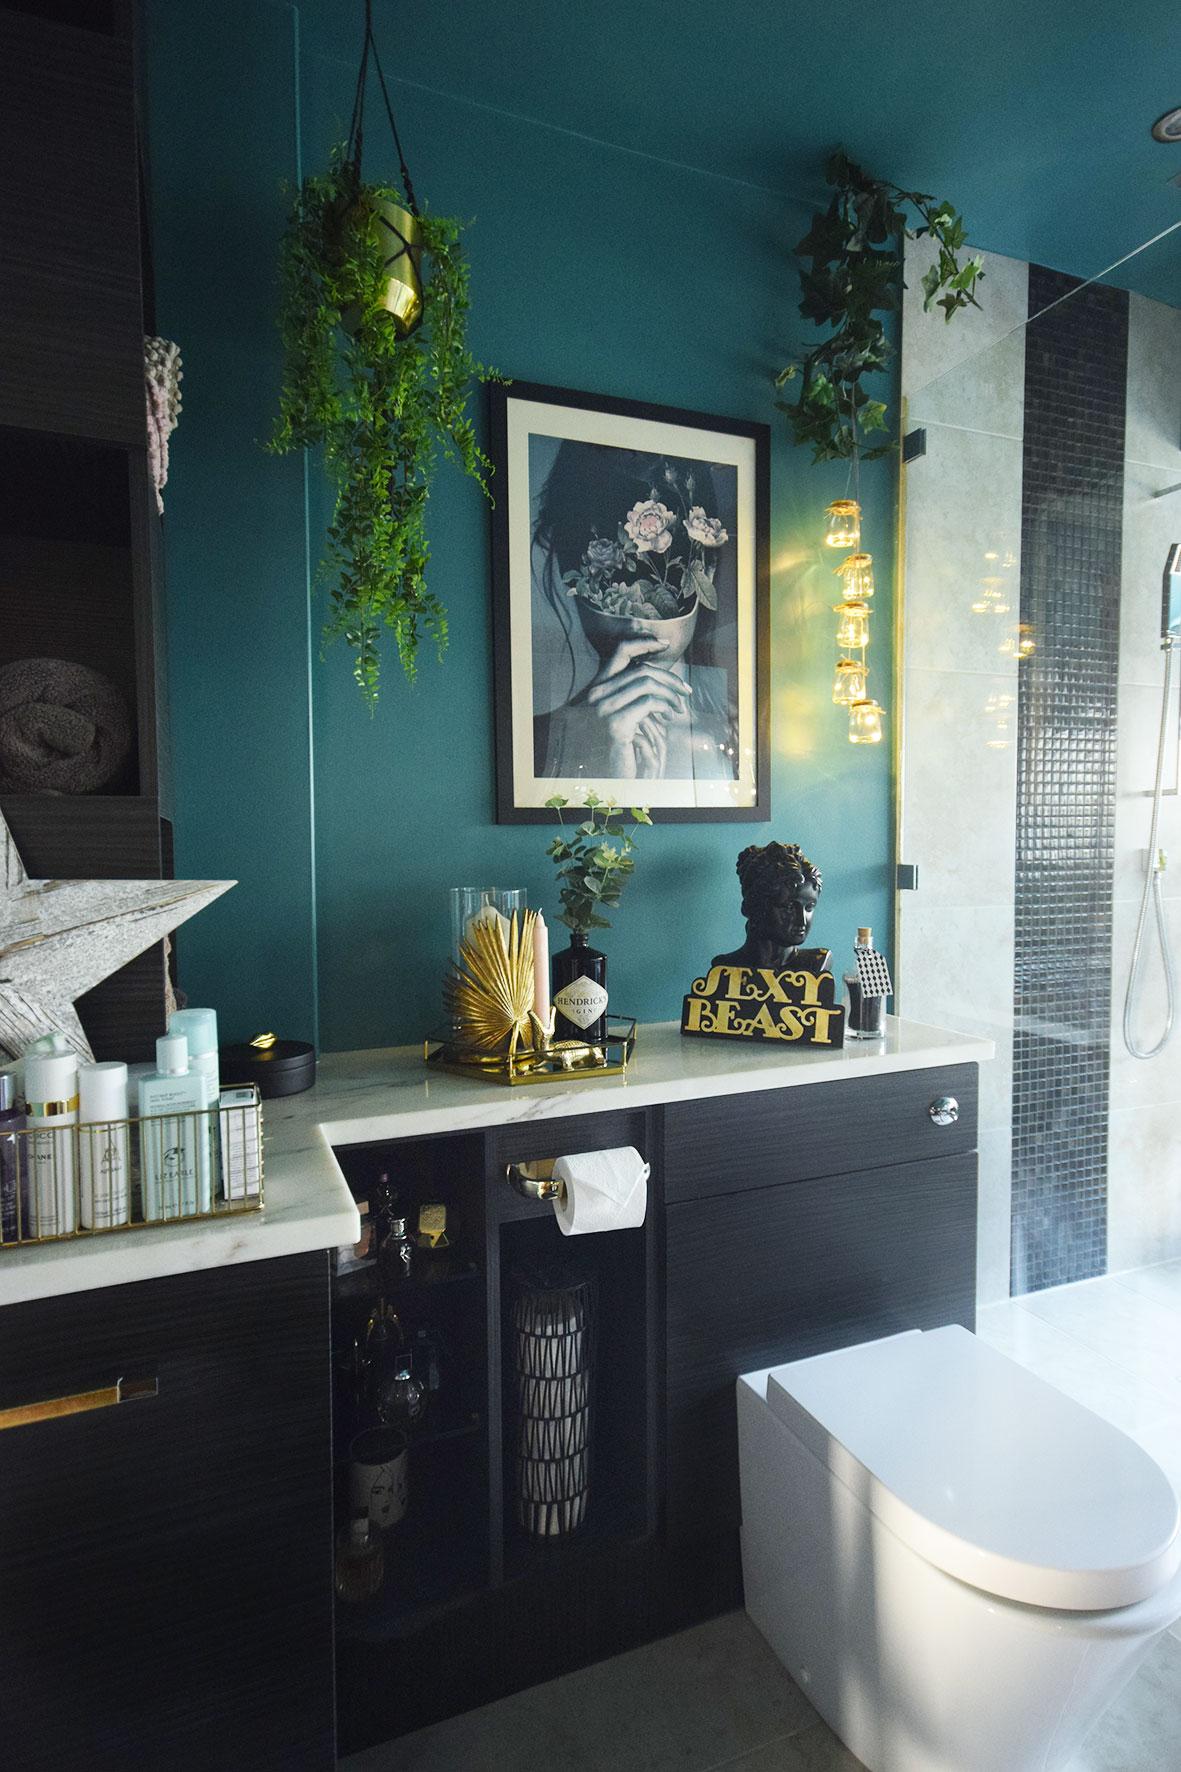 wonderful turquoise gray bathroom ideas | Luxury Teal Master Bathroom Makeover Reveal - Part 1 ...